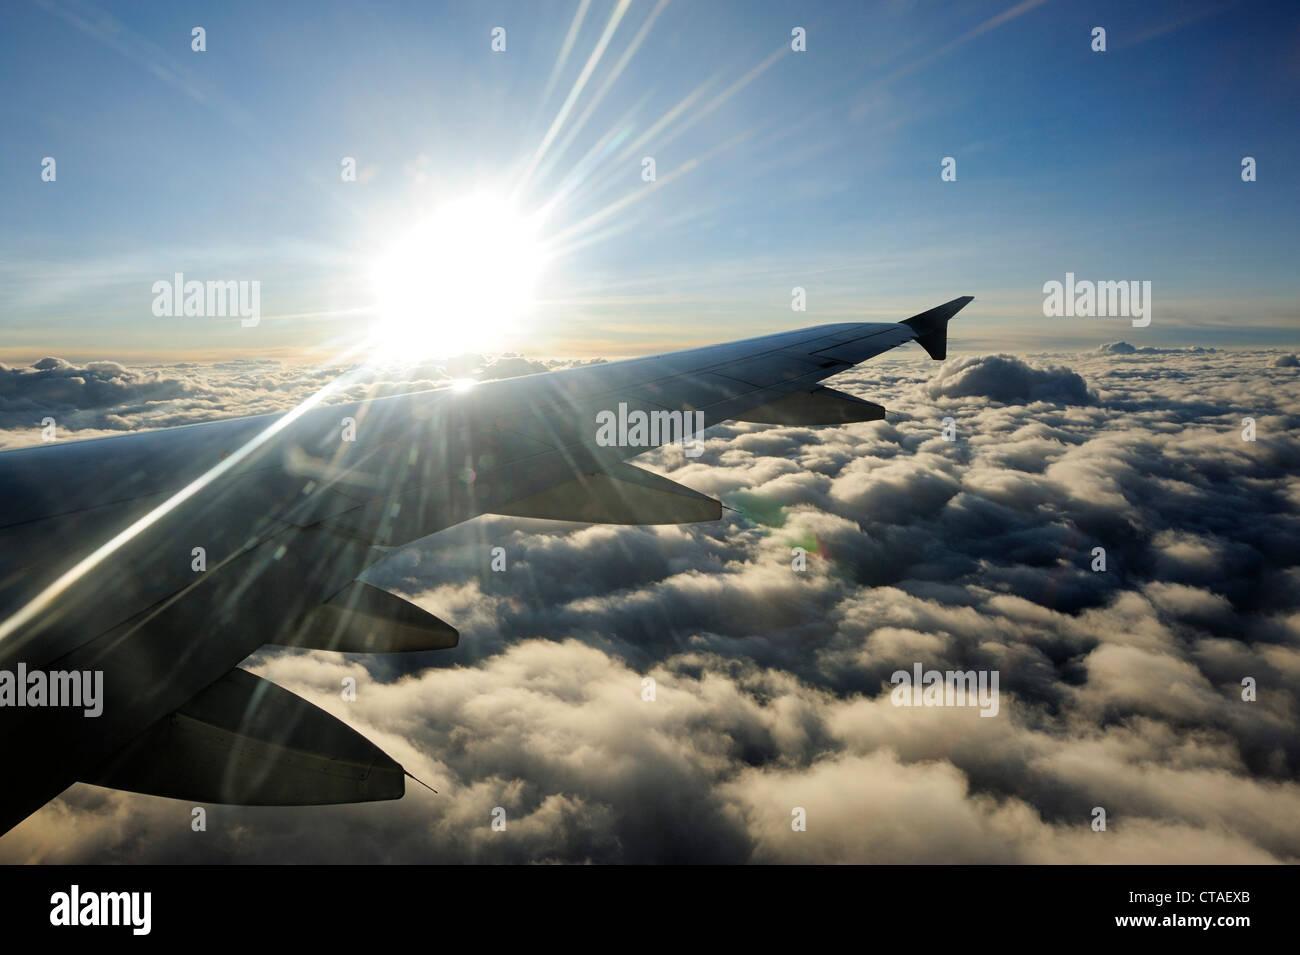 Sonne über Wolken mit Flügel des Flugzeuges, Flug von Delhi nach Leh, Ladakh, Jammu und Kaschmir, Indien Stockbild